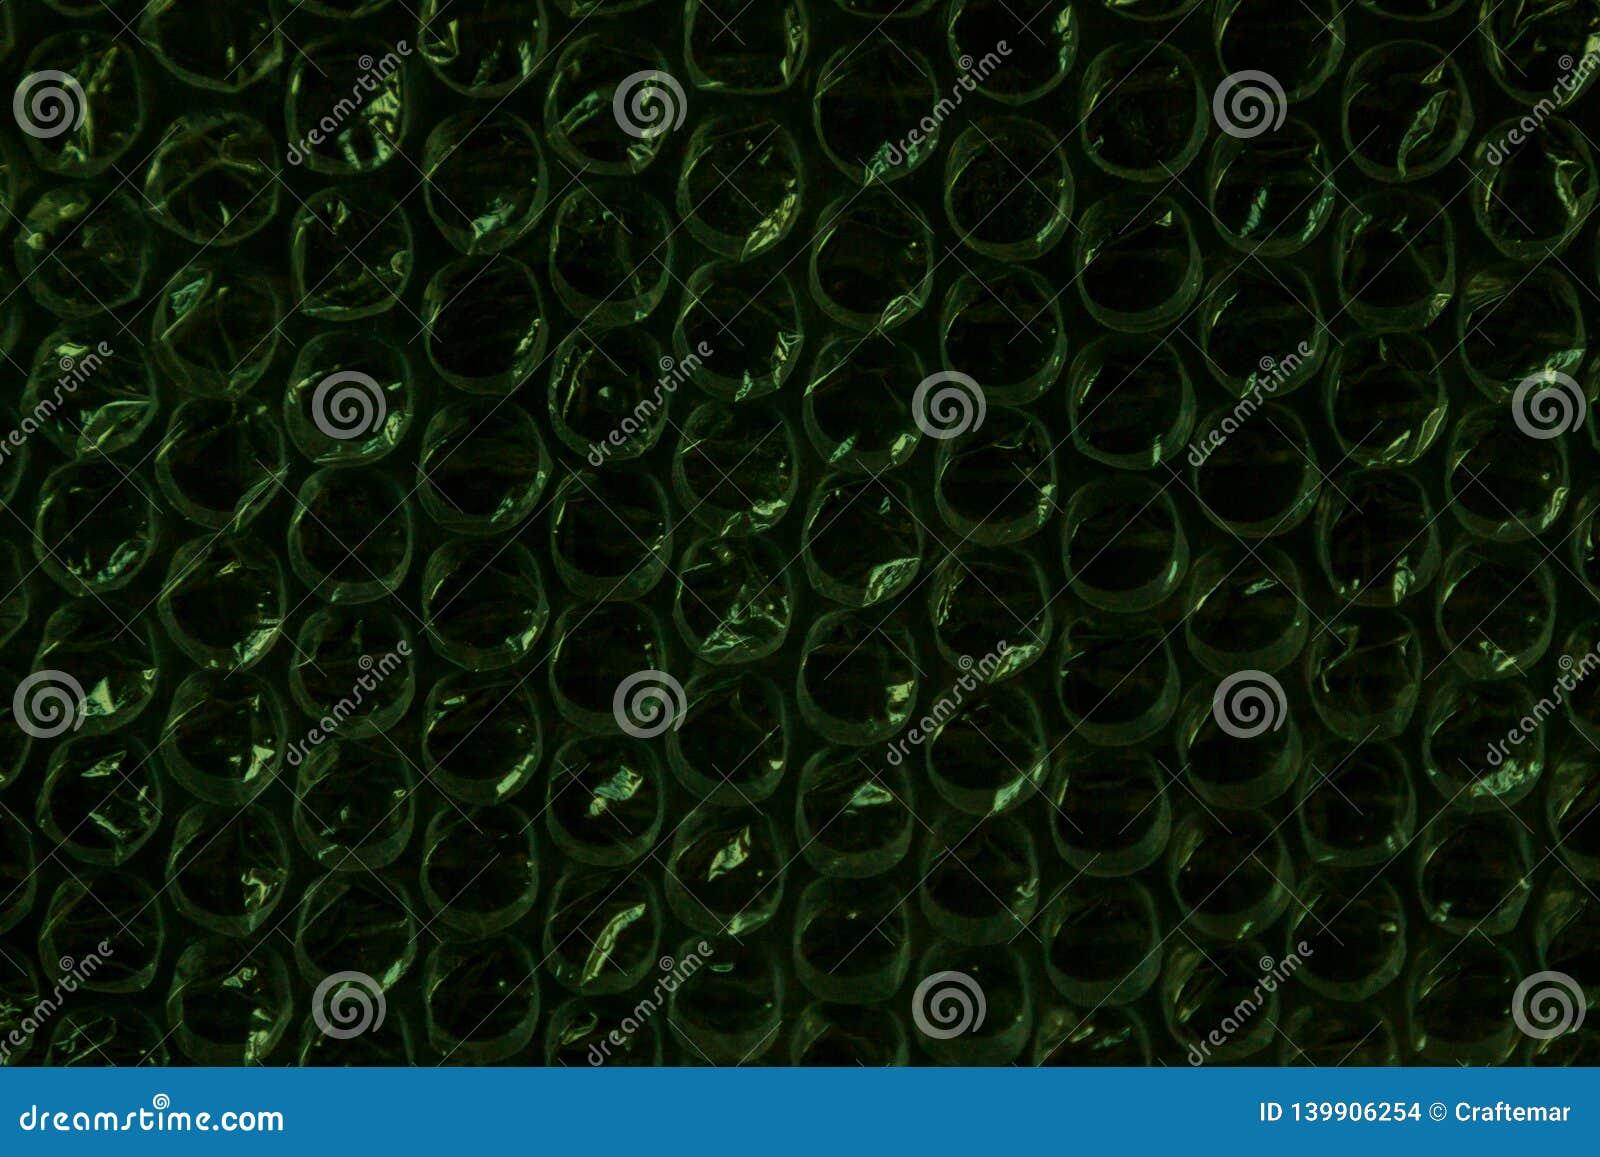 Texture de scintillement de bulles